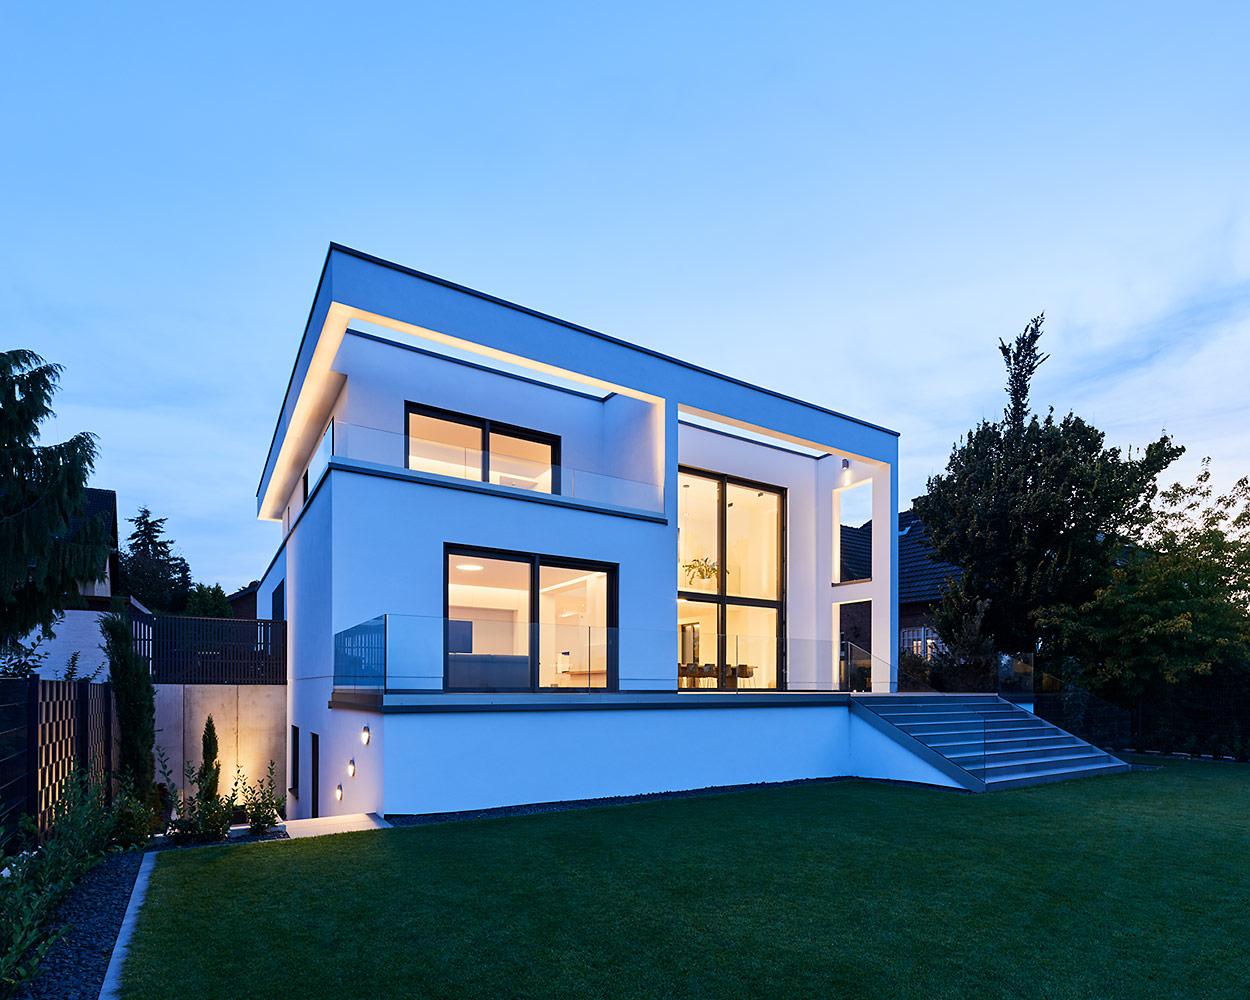 Architekturfotograf Bonn, EFH S, Klaus Maes Architektur, Bornheim